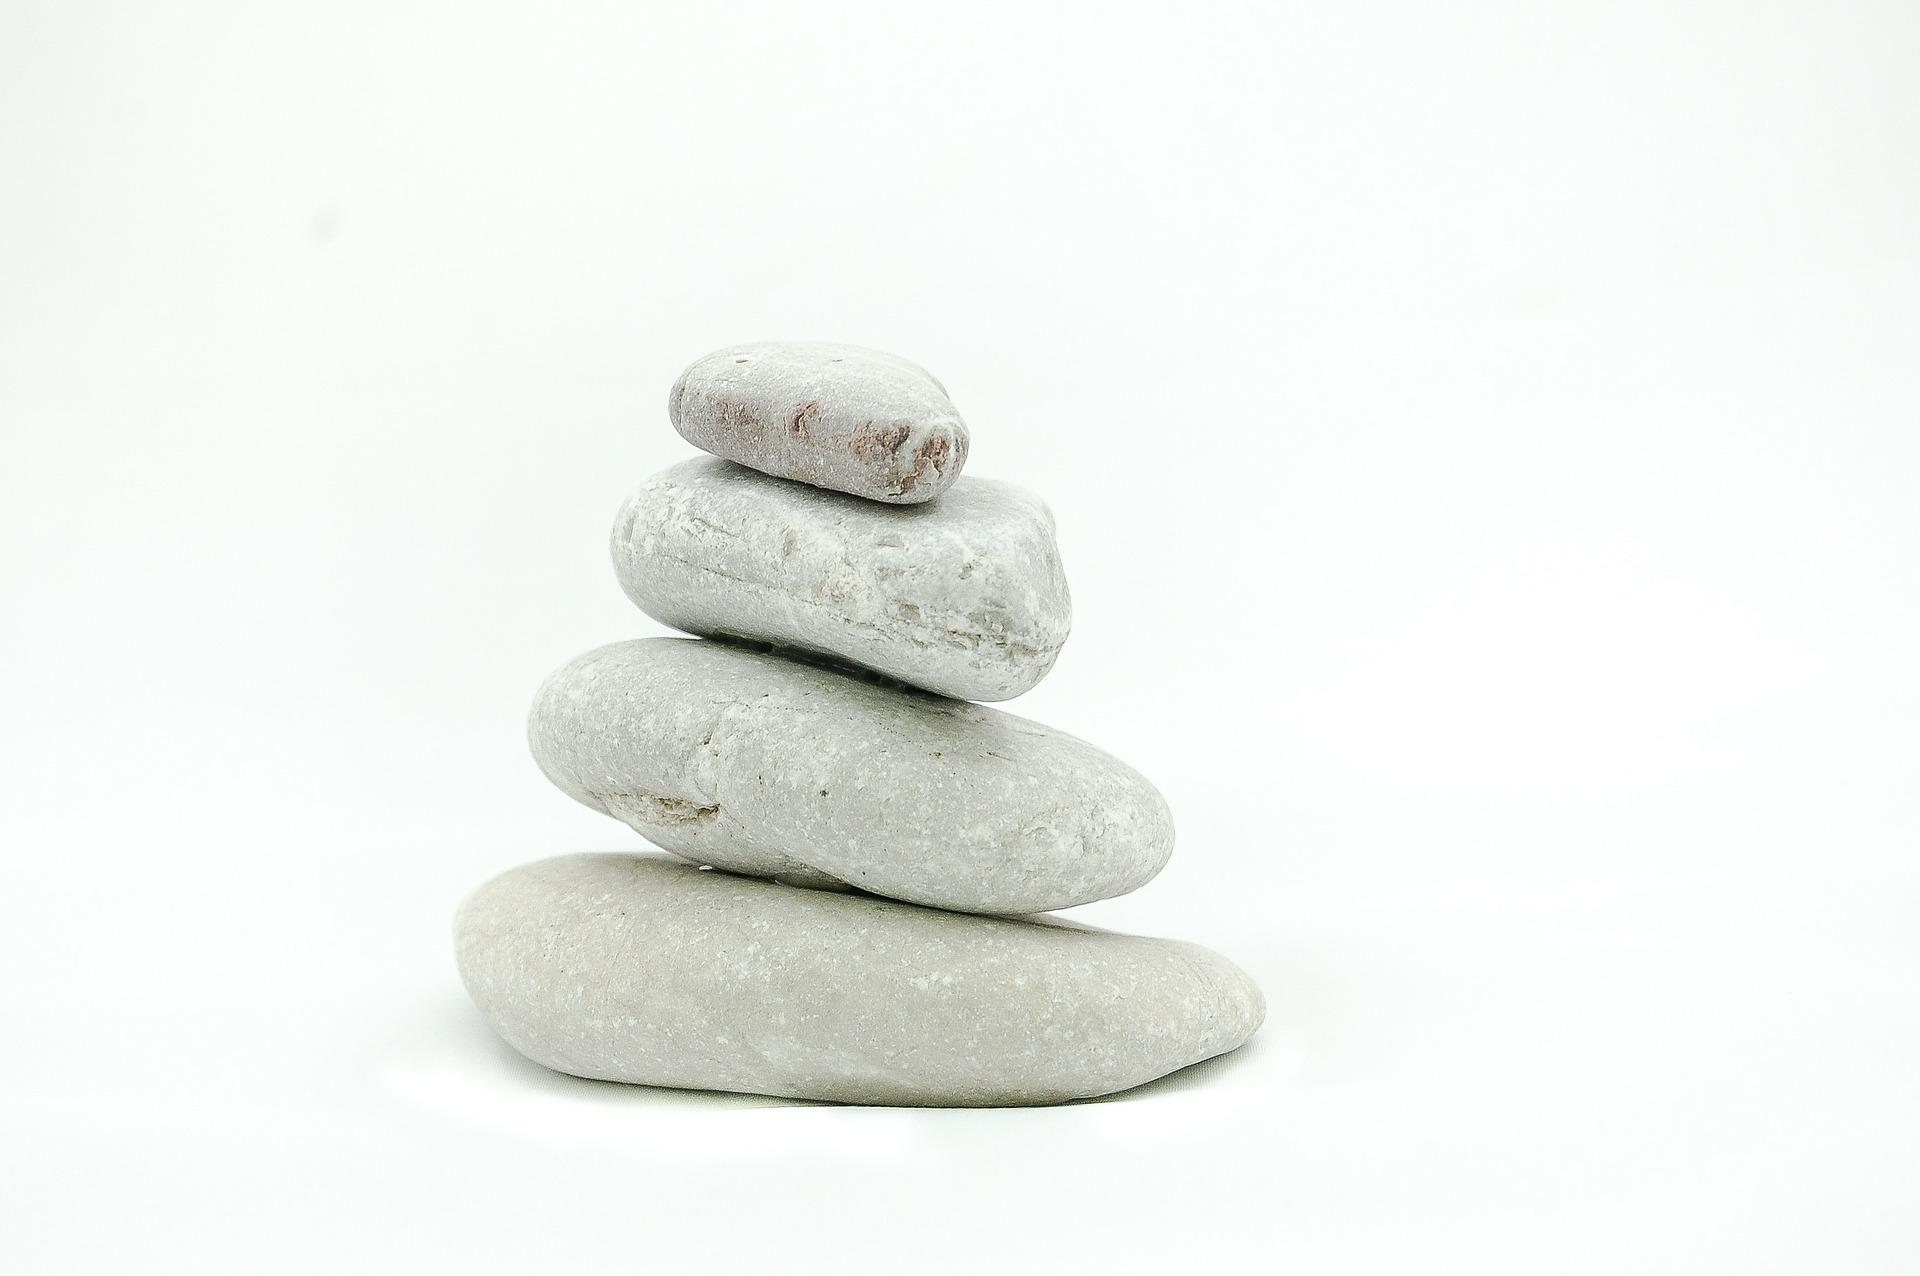 the-stones-263665_1920.jpg